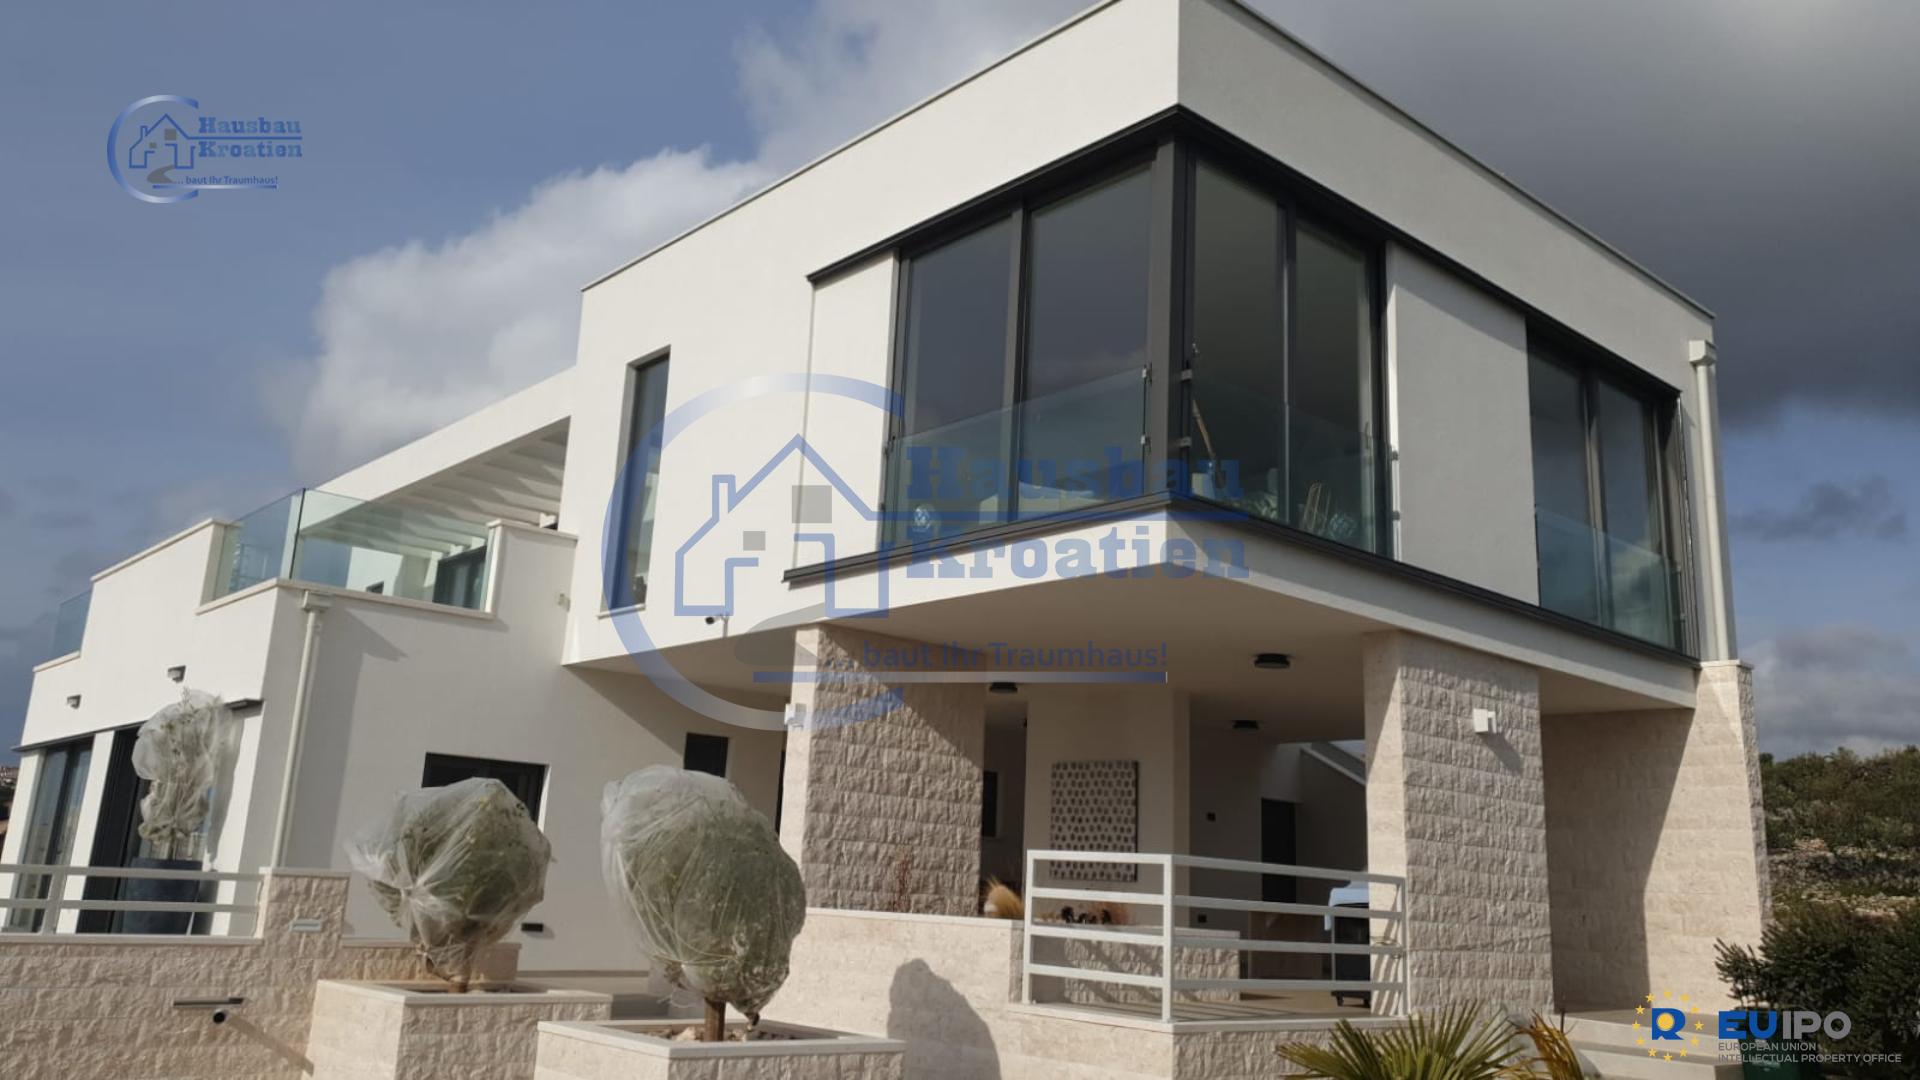 Villa Reuckl